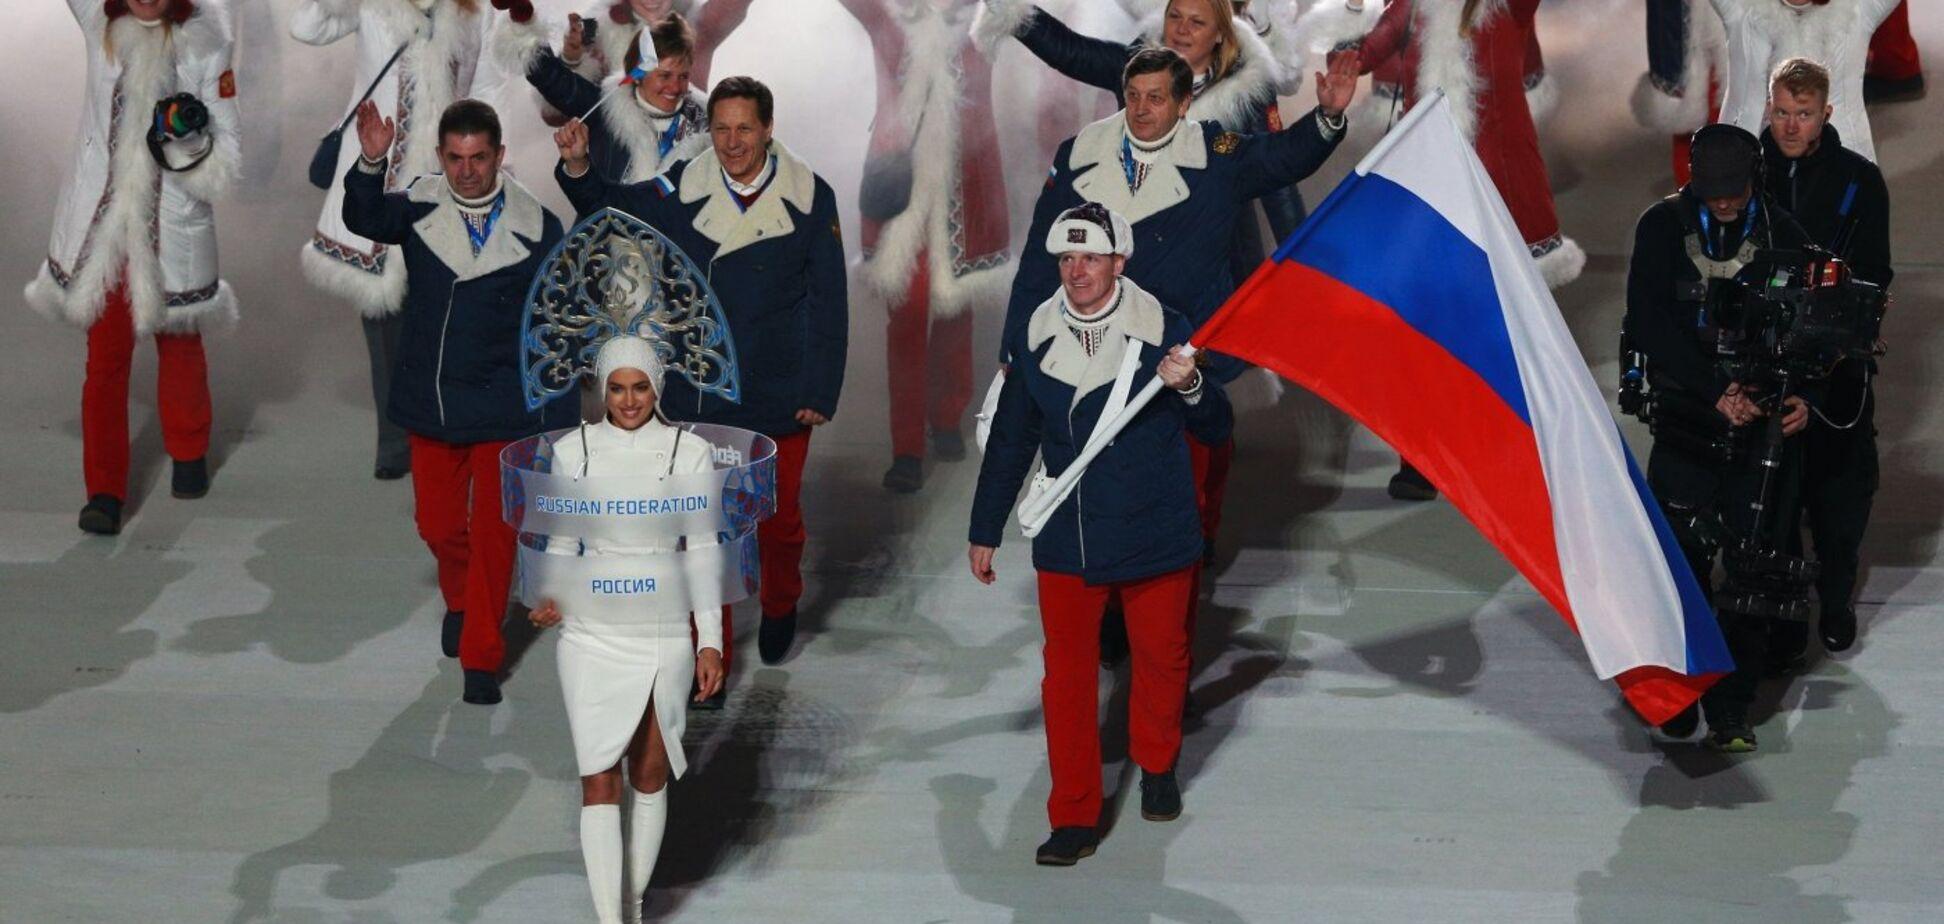 Проклятие и возмездие: Голышев высказался о недопуске РФ на Олимпиаду-2018